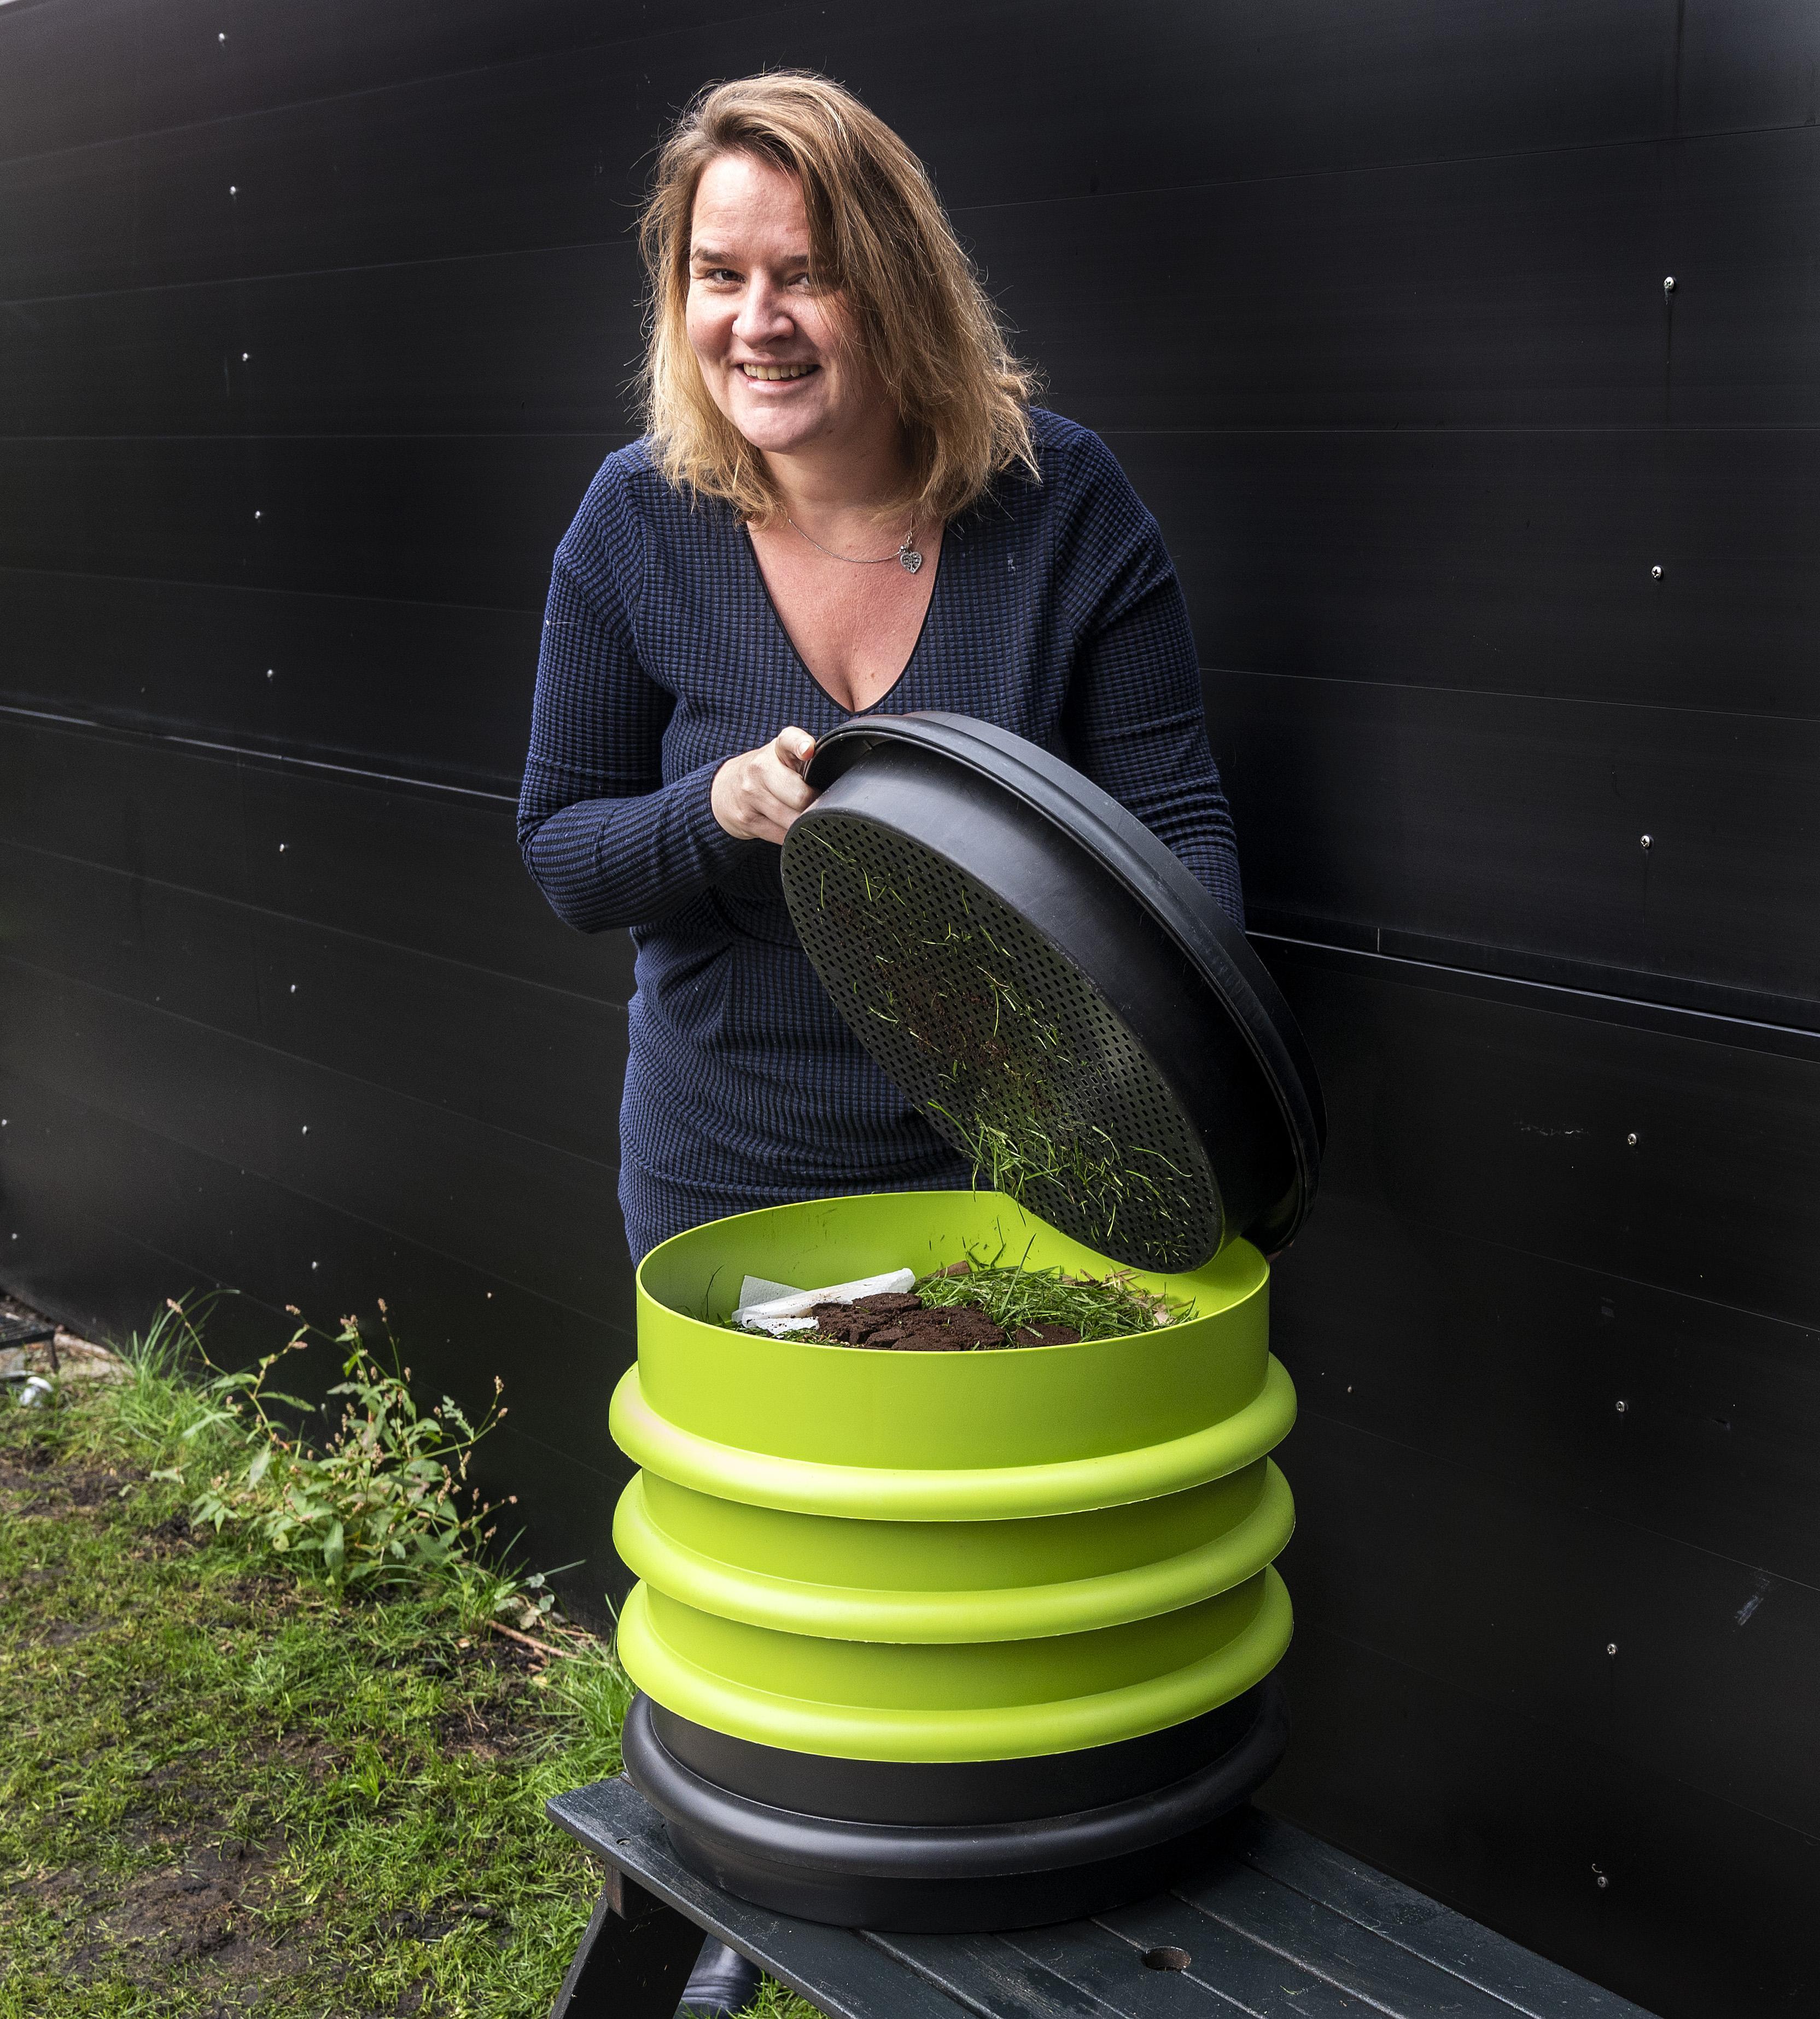 Haarlems raadslid Melissa Oosterbroek (GroenLinks) wil zo 'klimaatpositief' mogelijk leven: 'Ik ben wat duurzaamheid betreft een rupsje-nooit-genoeg'